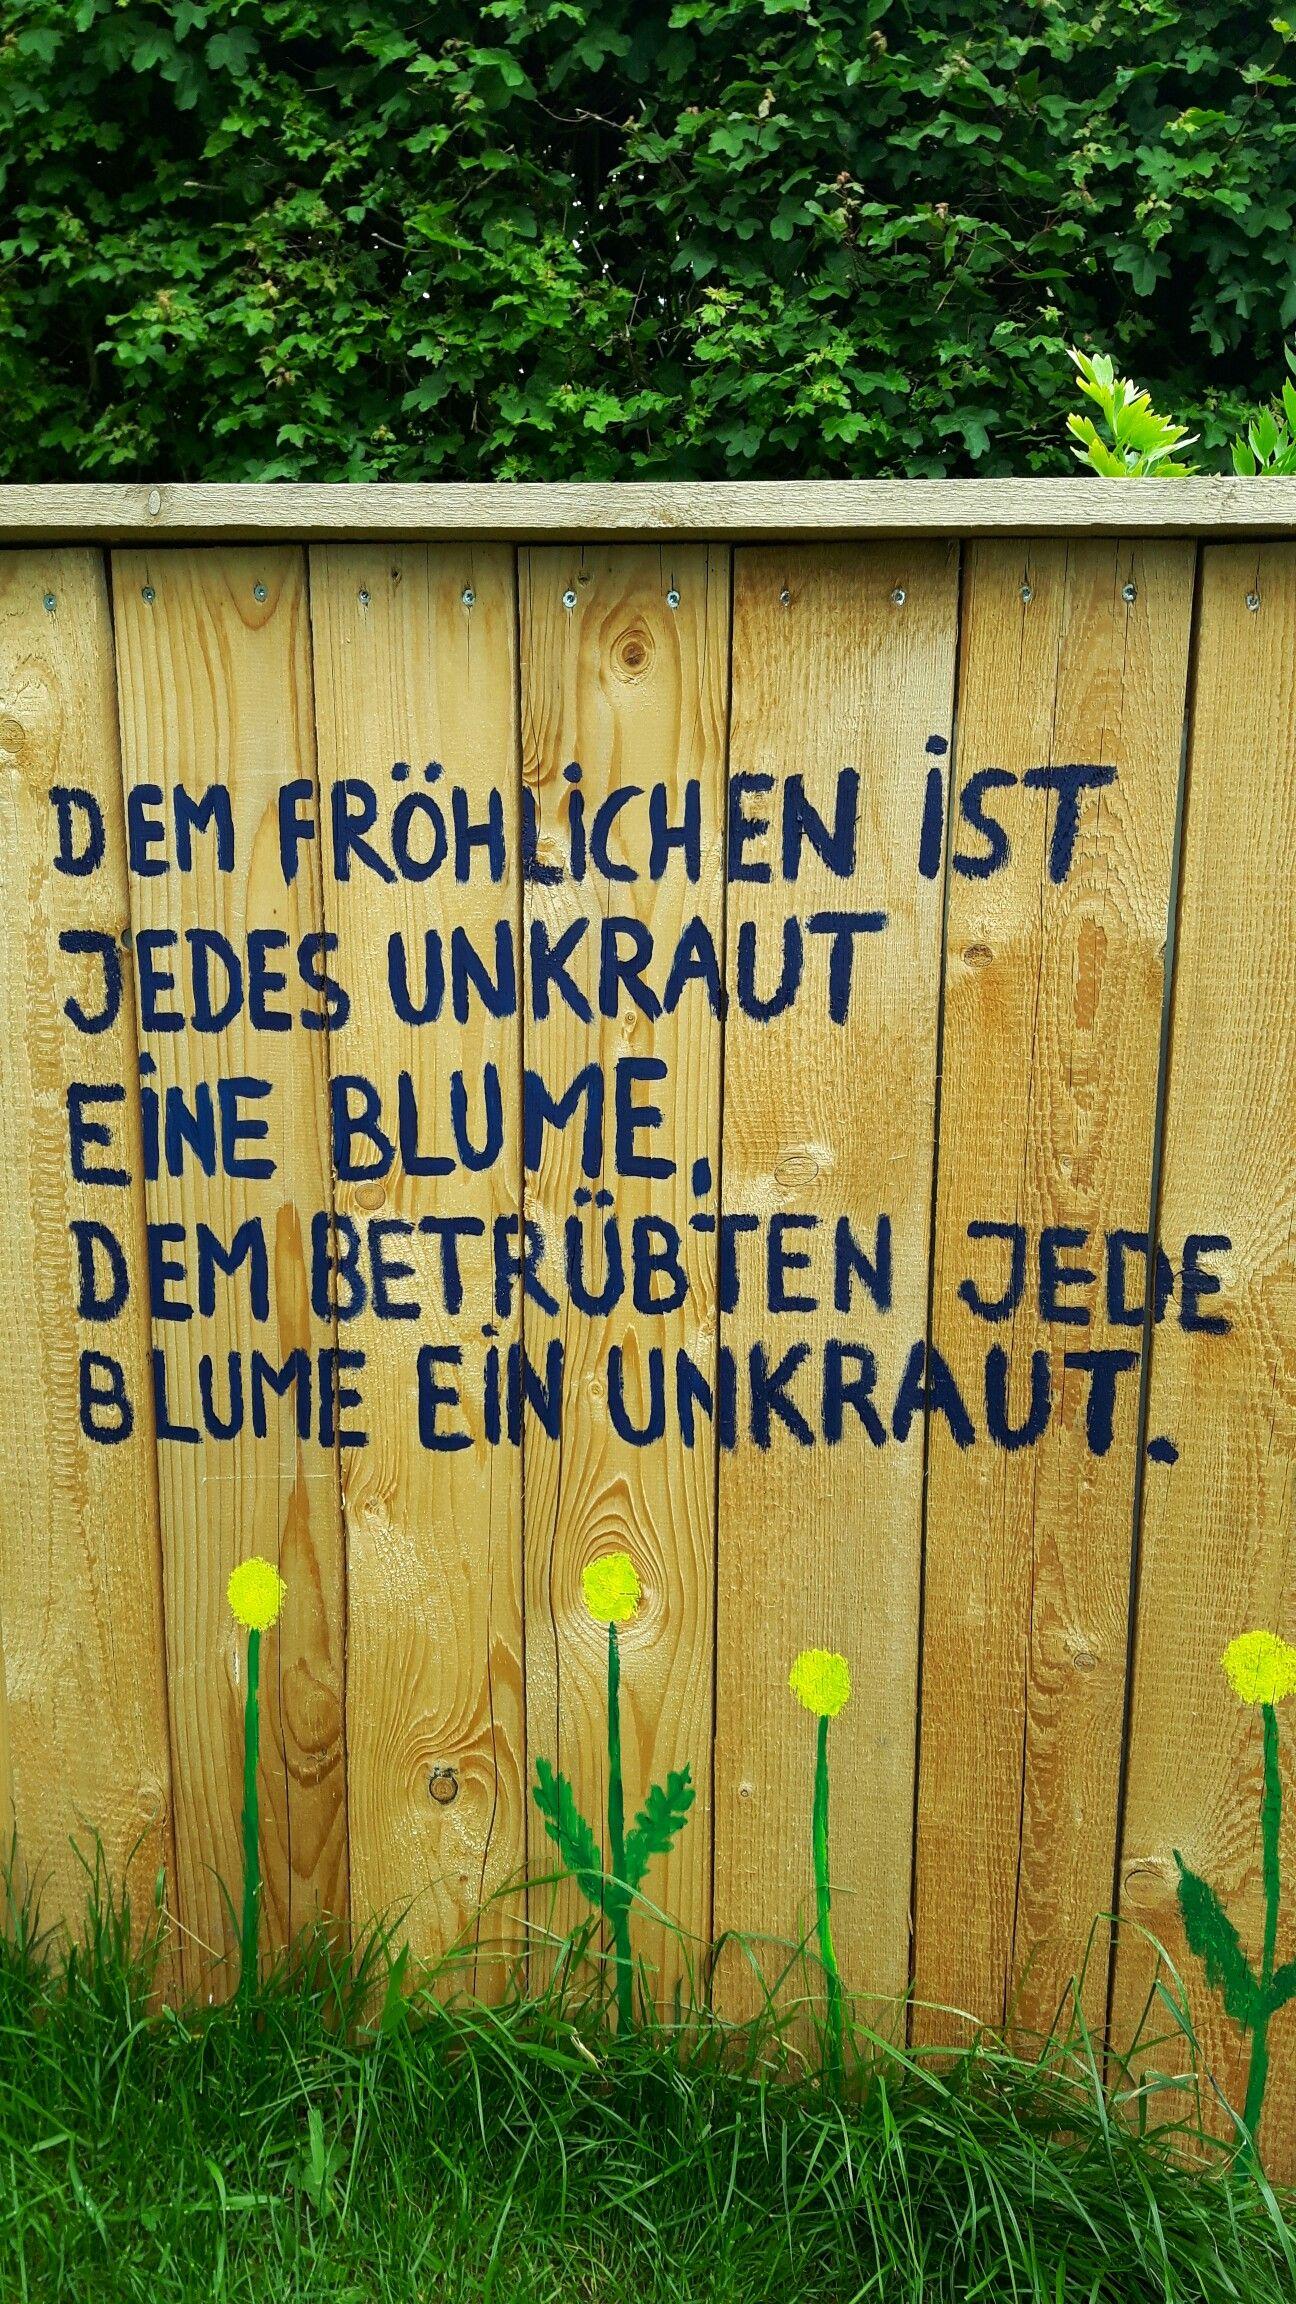 Finnisches Sprichwort Blume Garten Unkraut Leben Frohlich Betrubt Gartenspruche Spruche Garten Frohliche Zitate